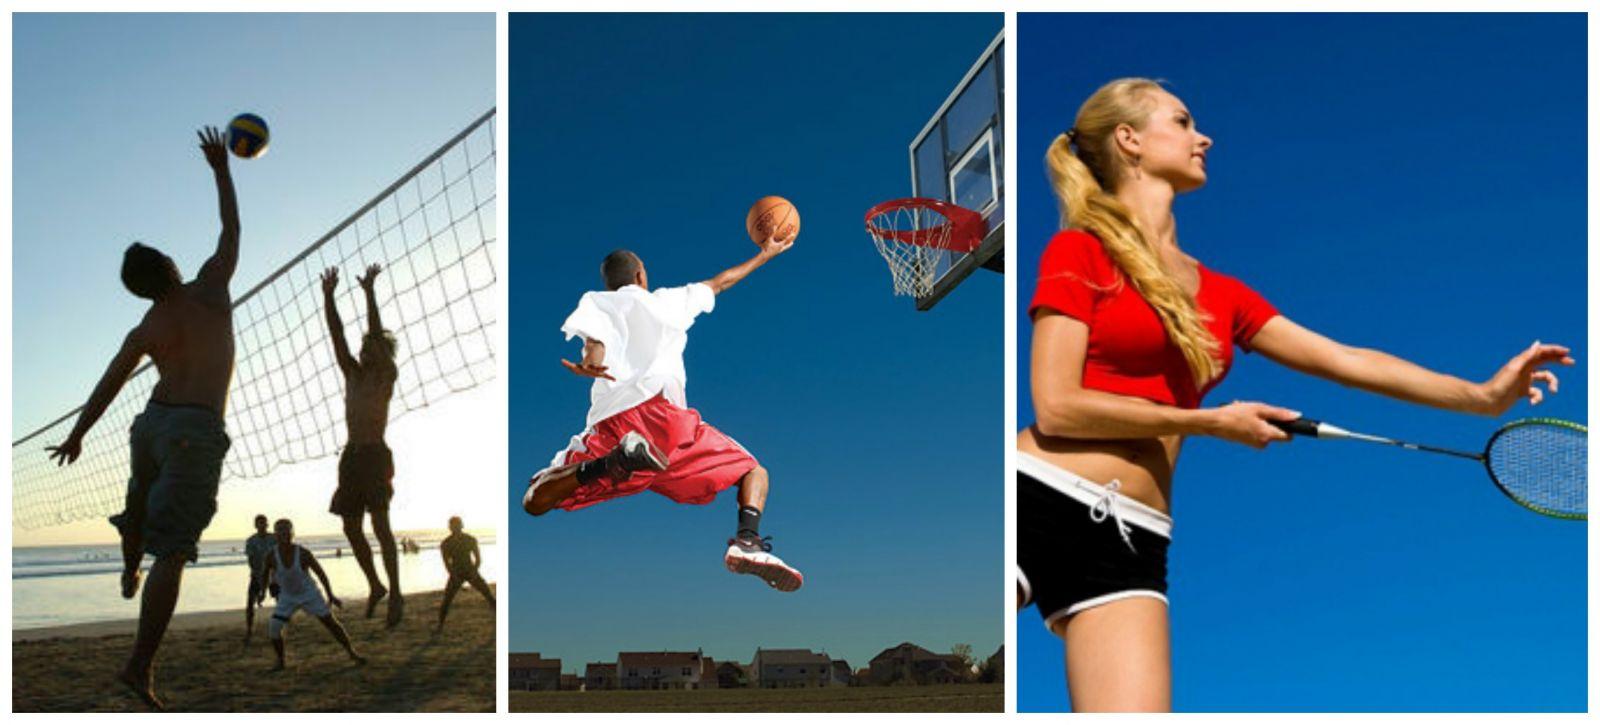 luyện tập các môn thể thao như cầu lông, bóng chuyền, bóng rổ giúp tăng chiều cao hiệu quả